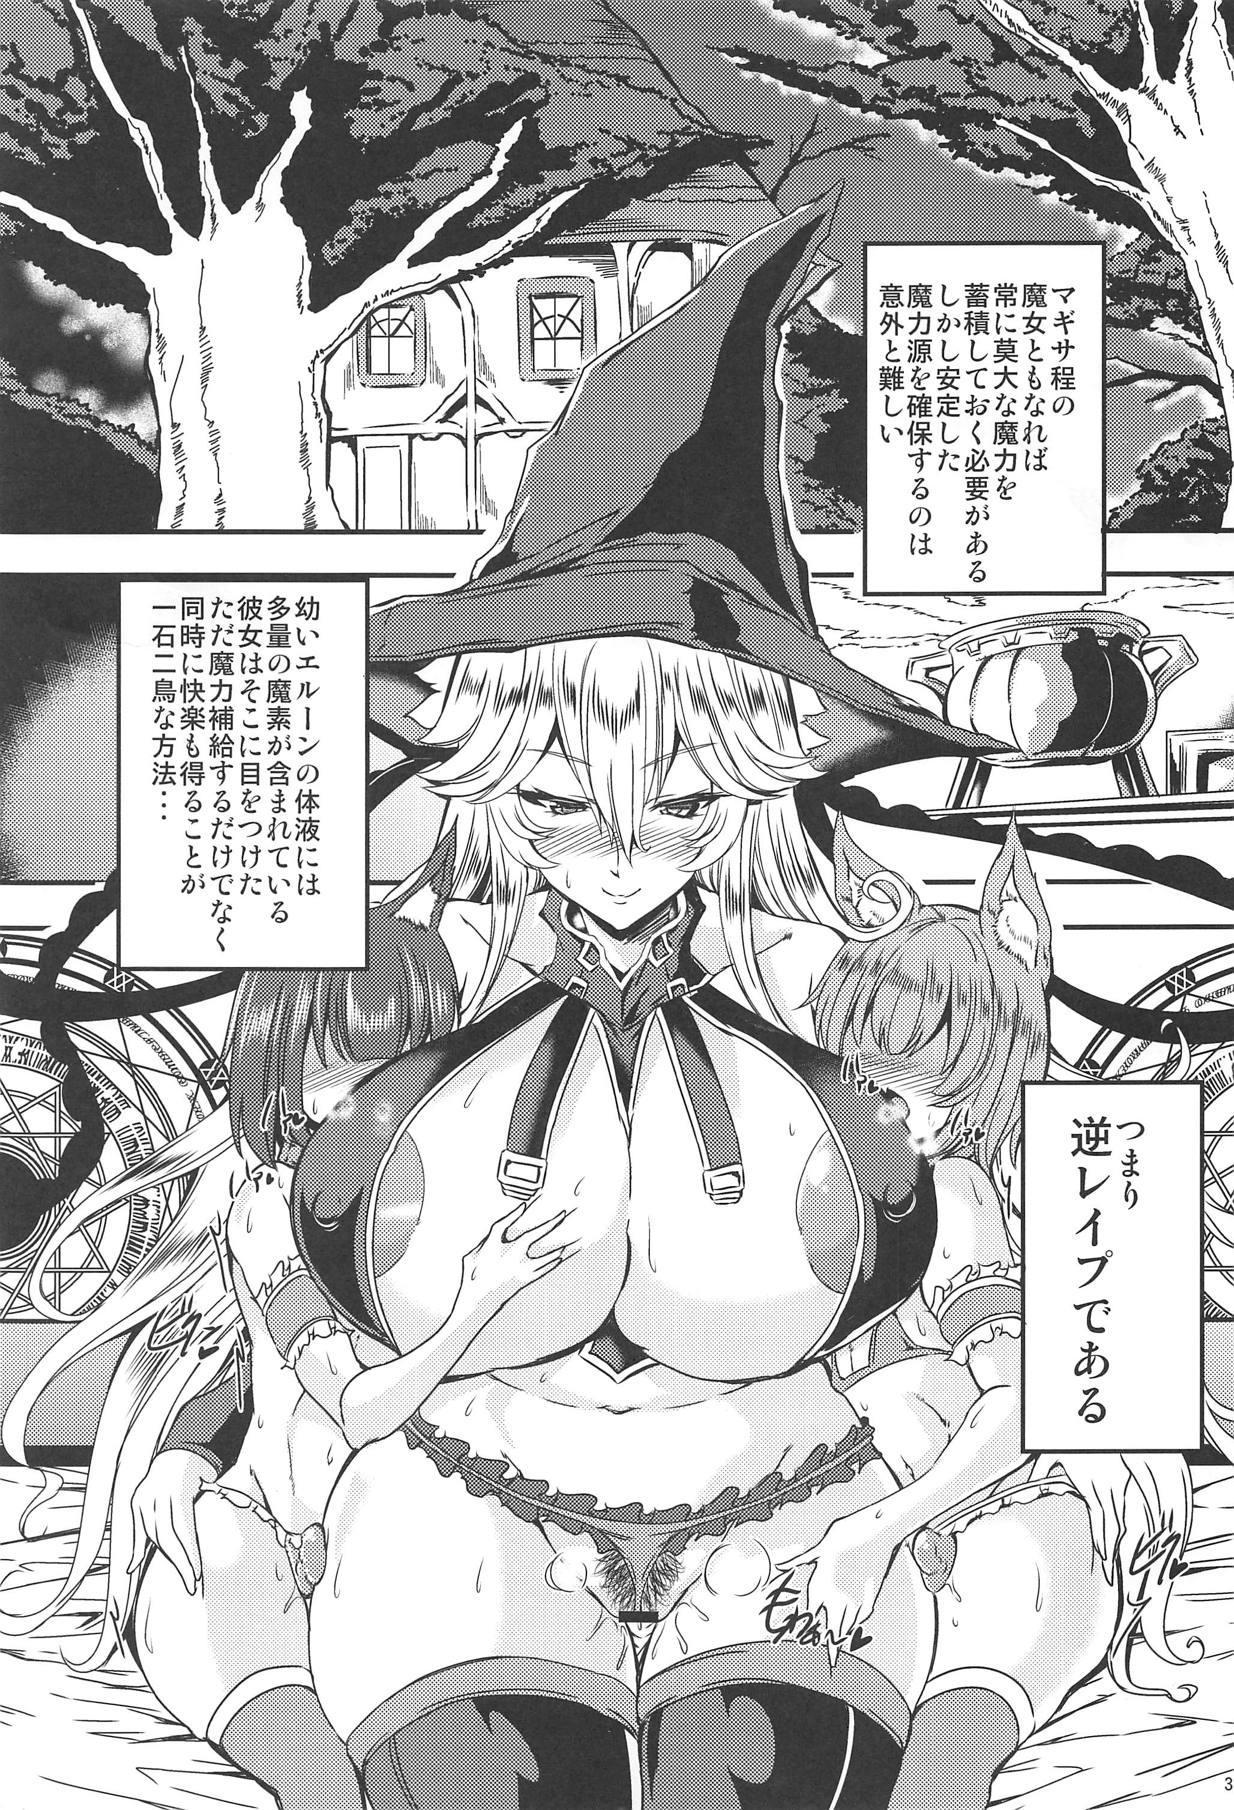 Magisa no Shiru Atsume 1